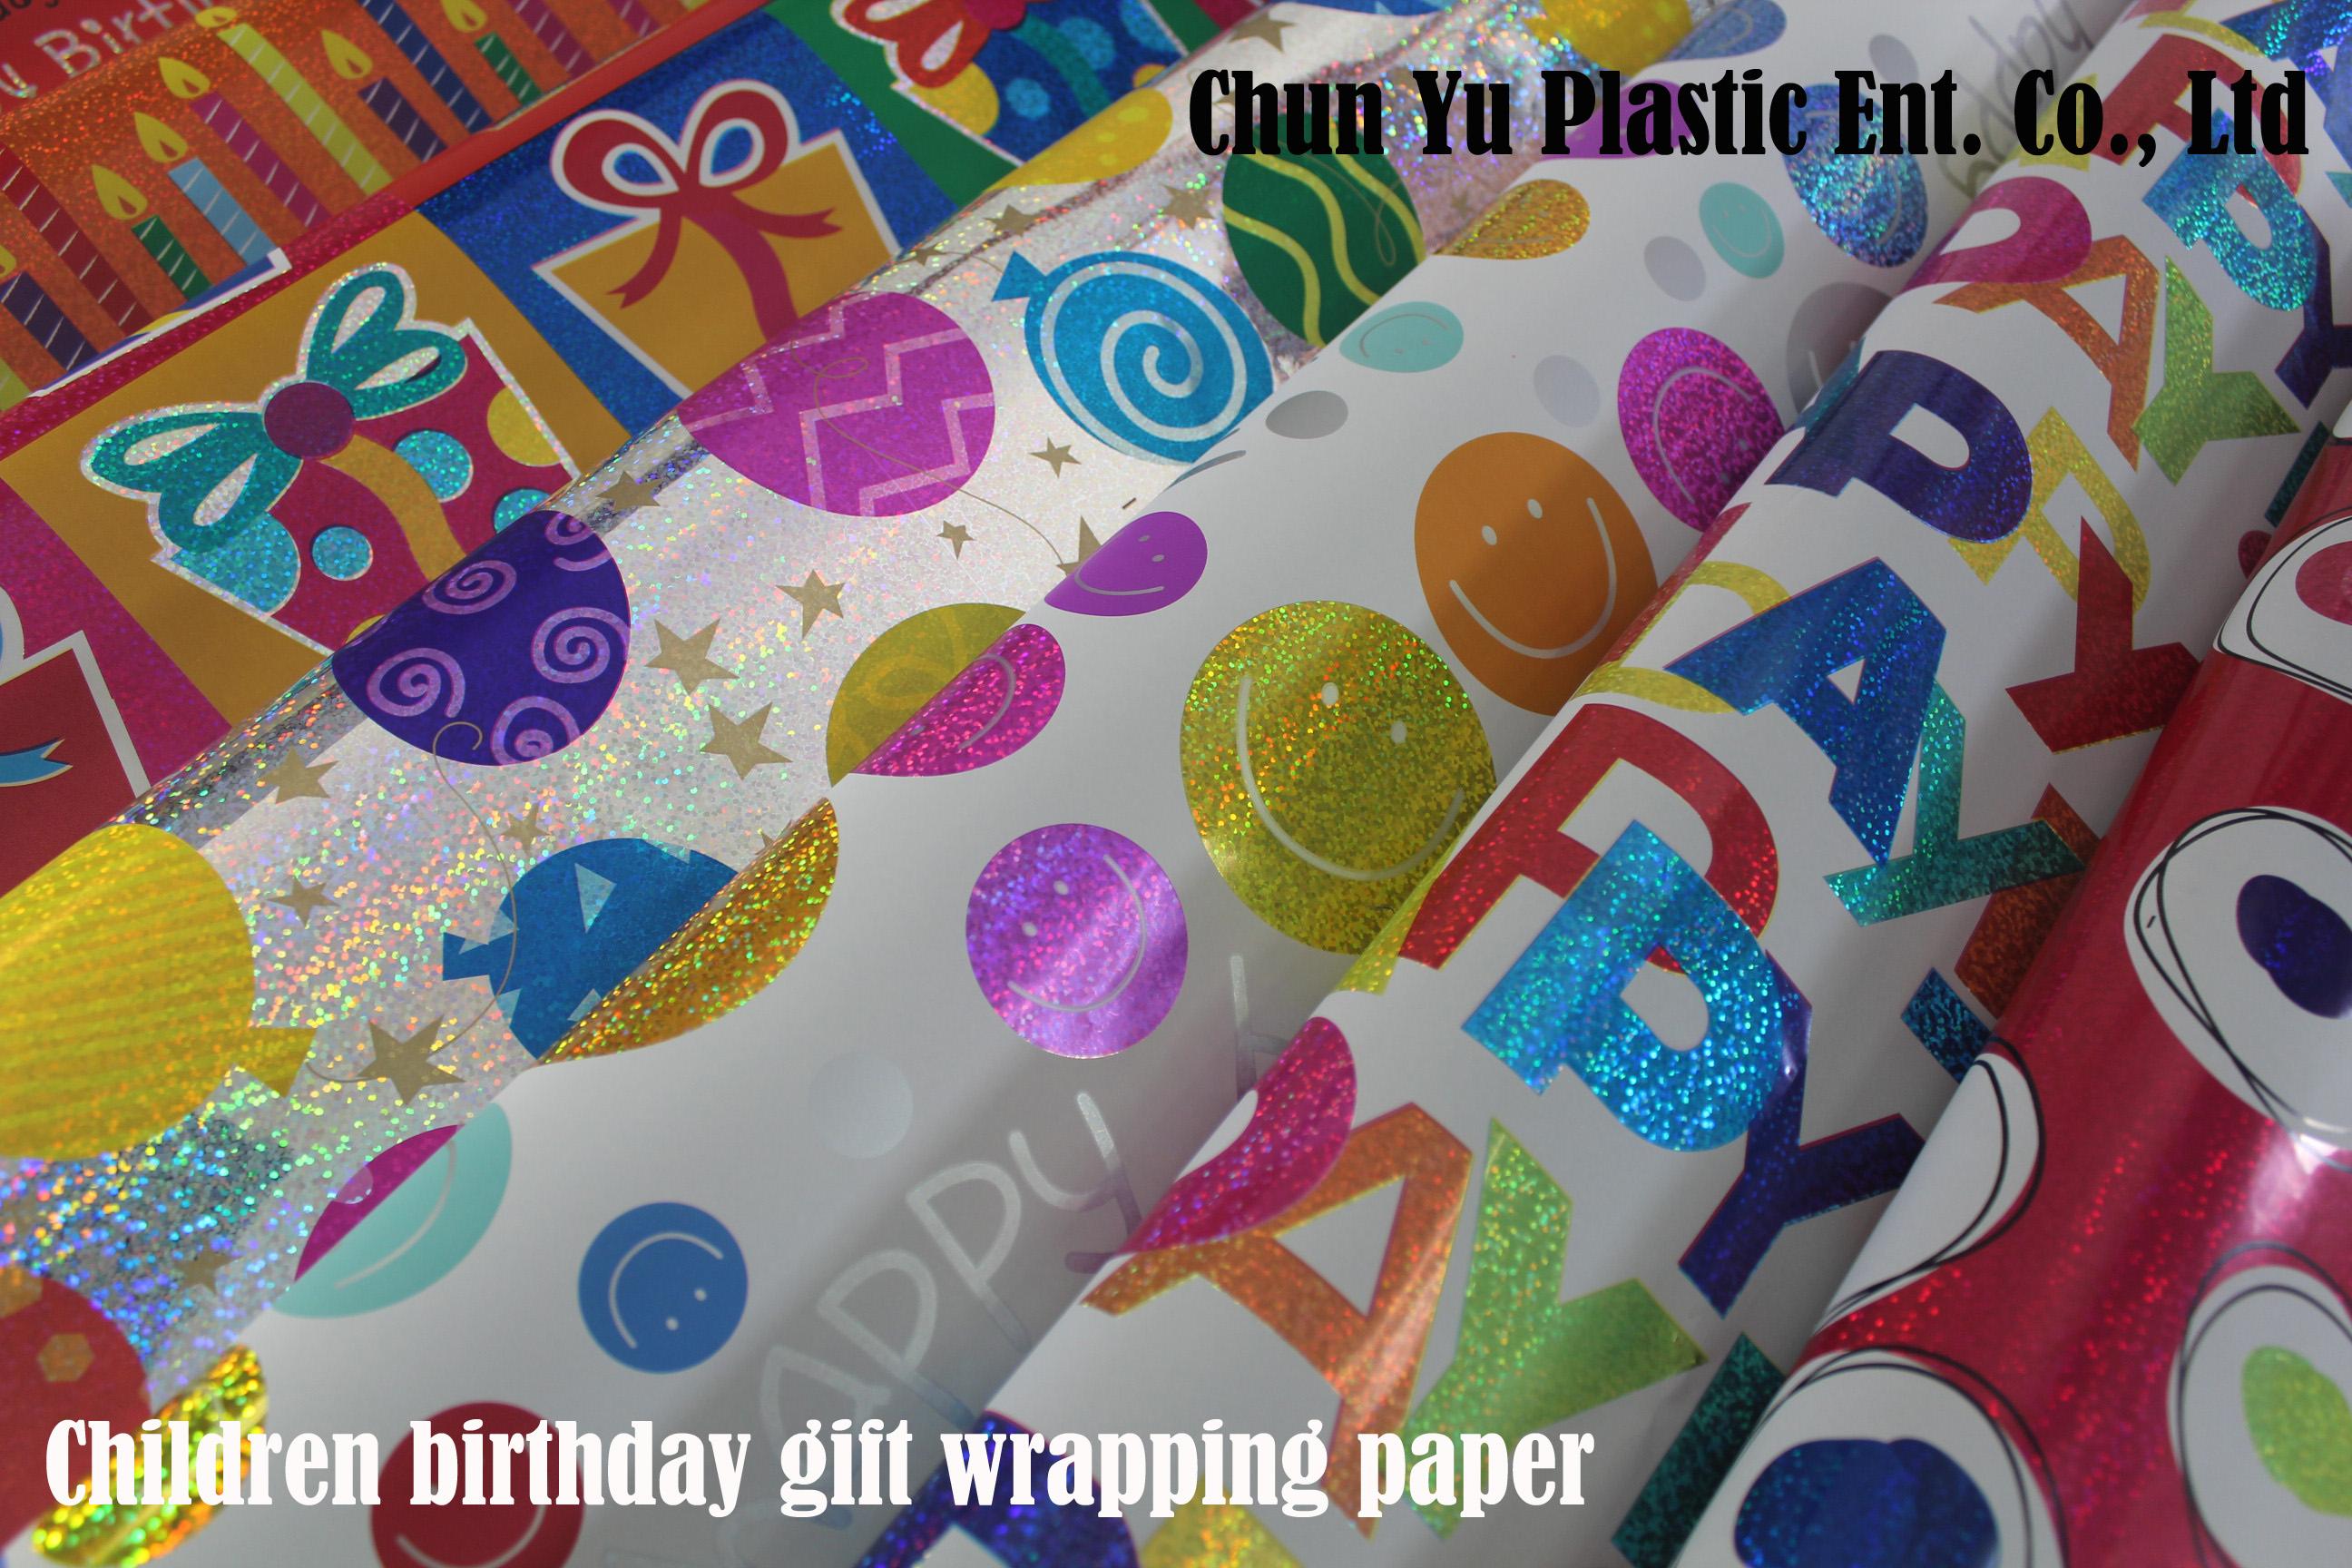 Chun Yu Plastic produkuje papier do pakowania prezentów dla dzieci, prezenty i przyjęcia urodzinowe dla dziewczynek i chłopców